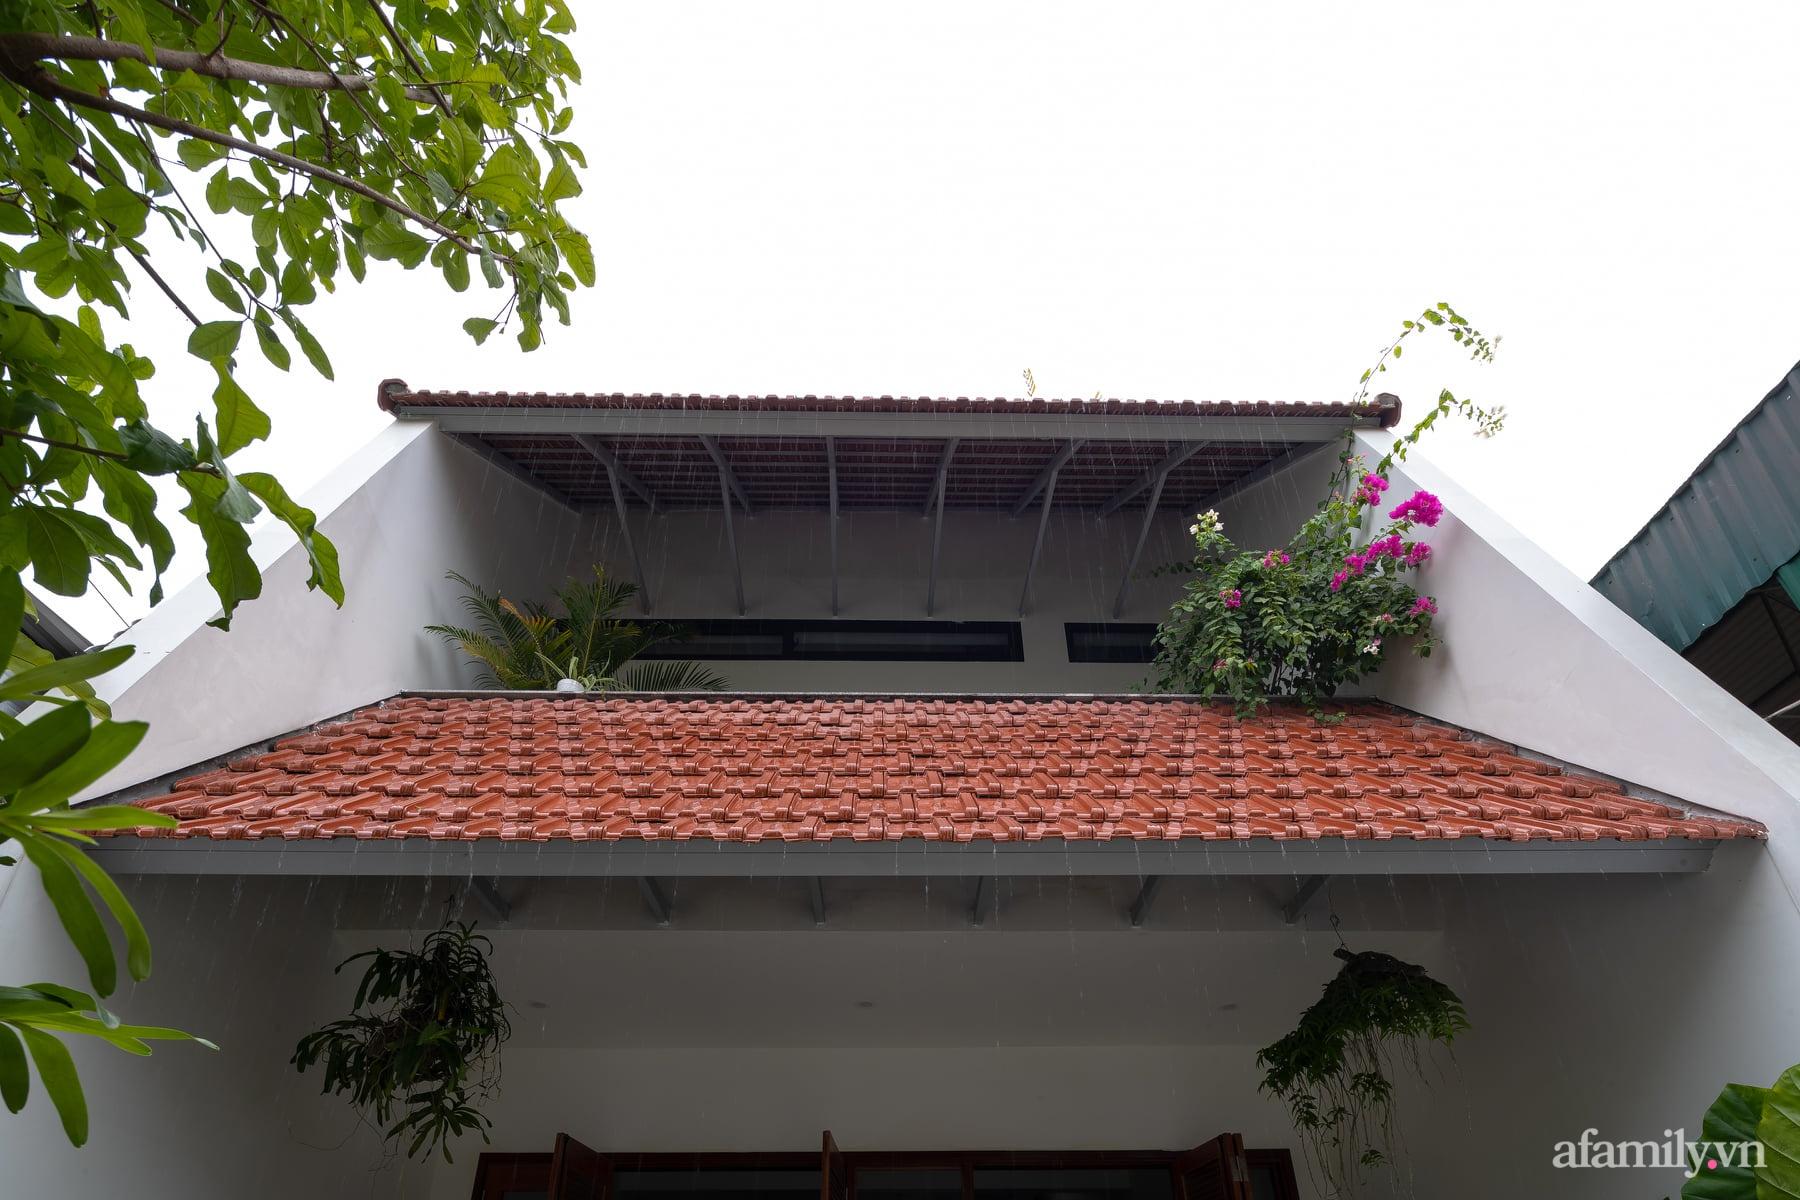 Ngôi nhà ngói gói gọn bình yên với những tiện nghi và hiện đại ở thị trấn nông thôn Nghệ An - Ảnh 5.